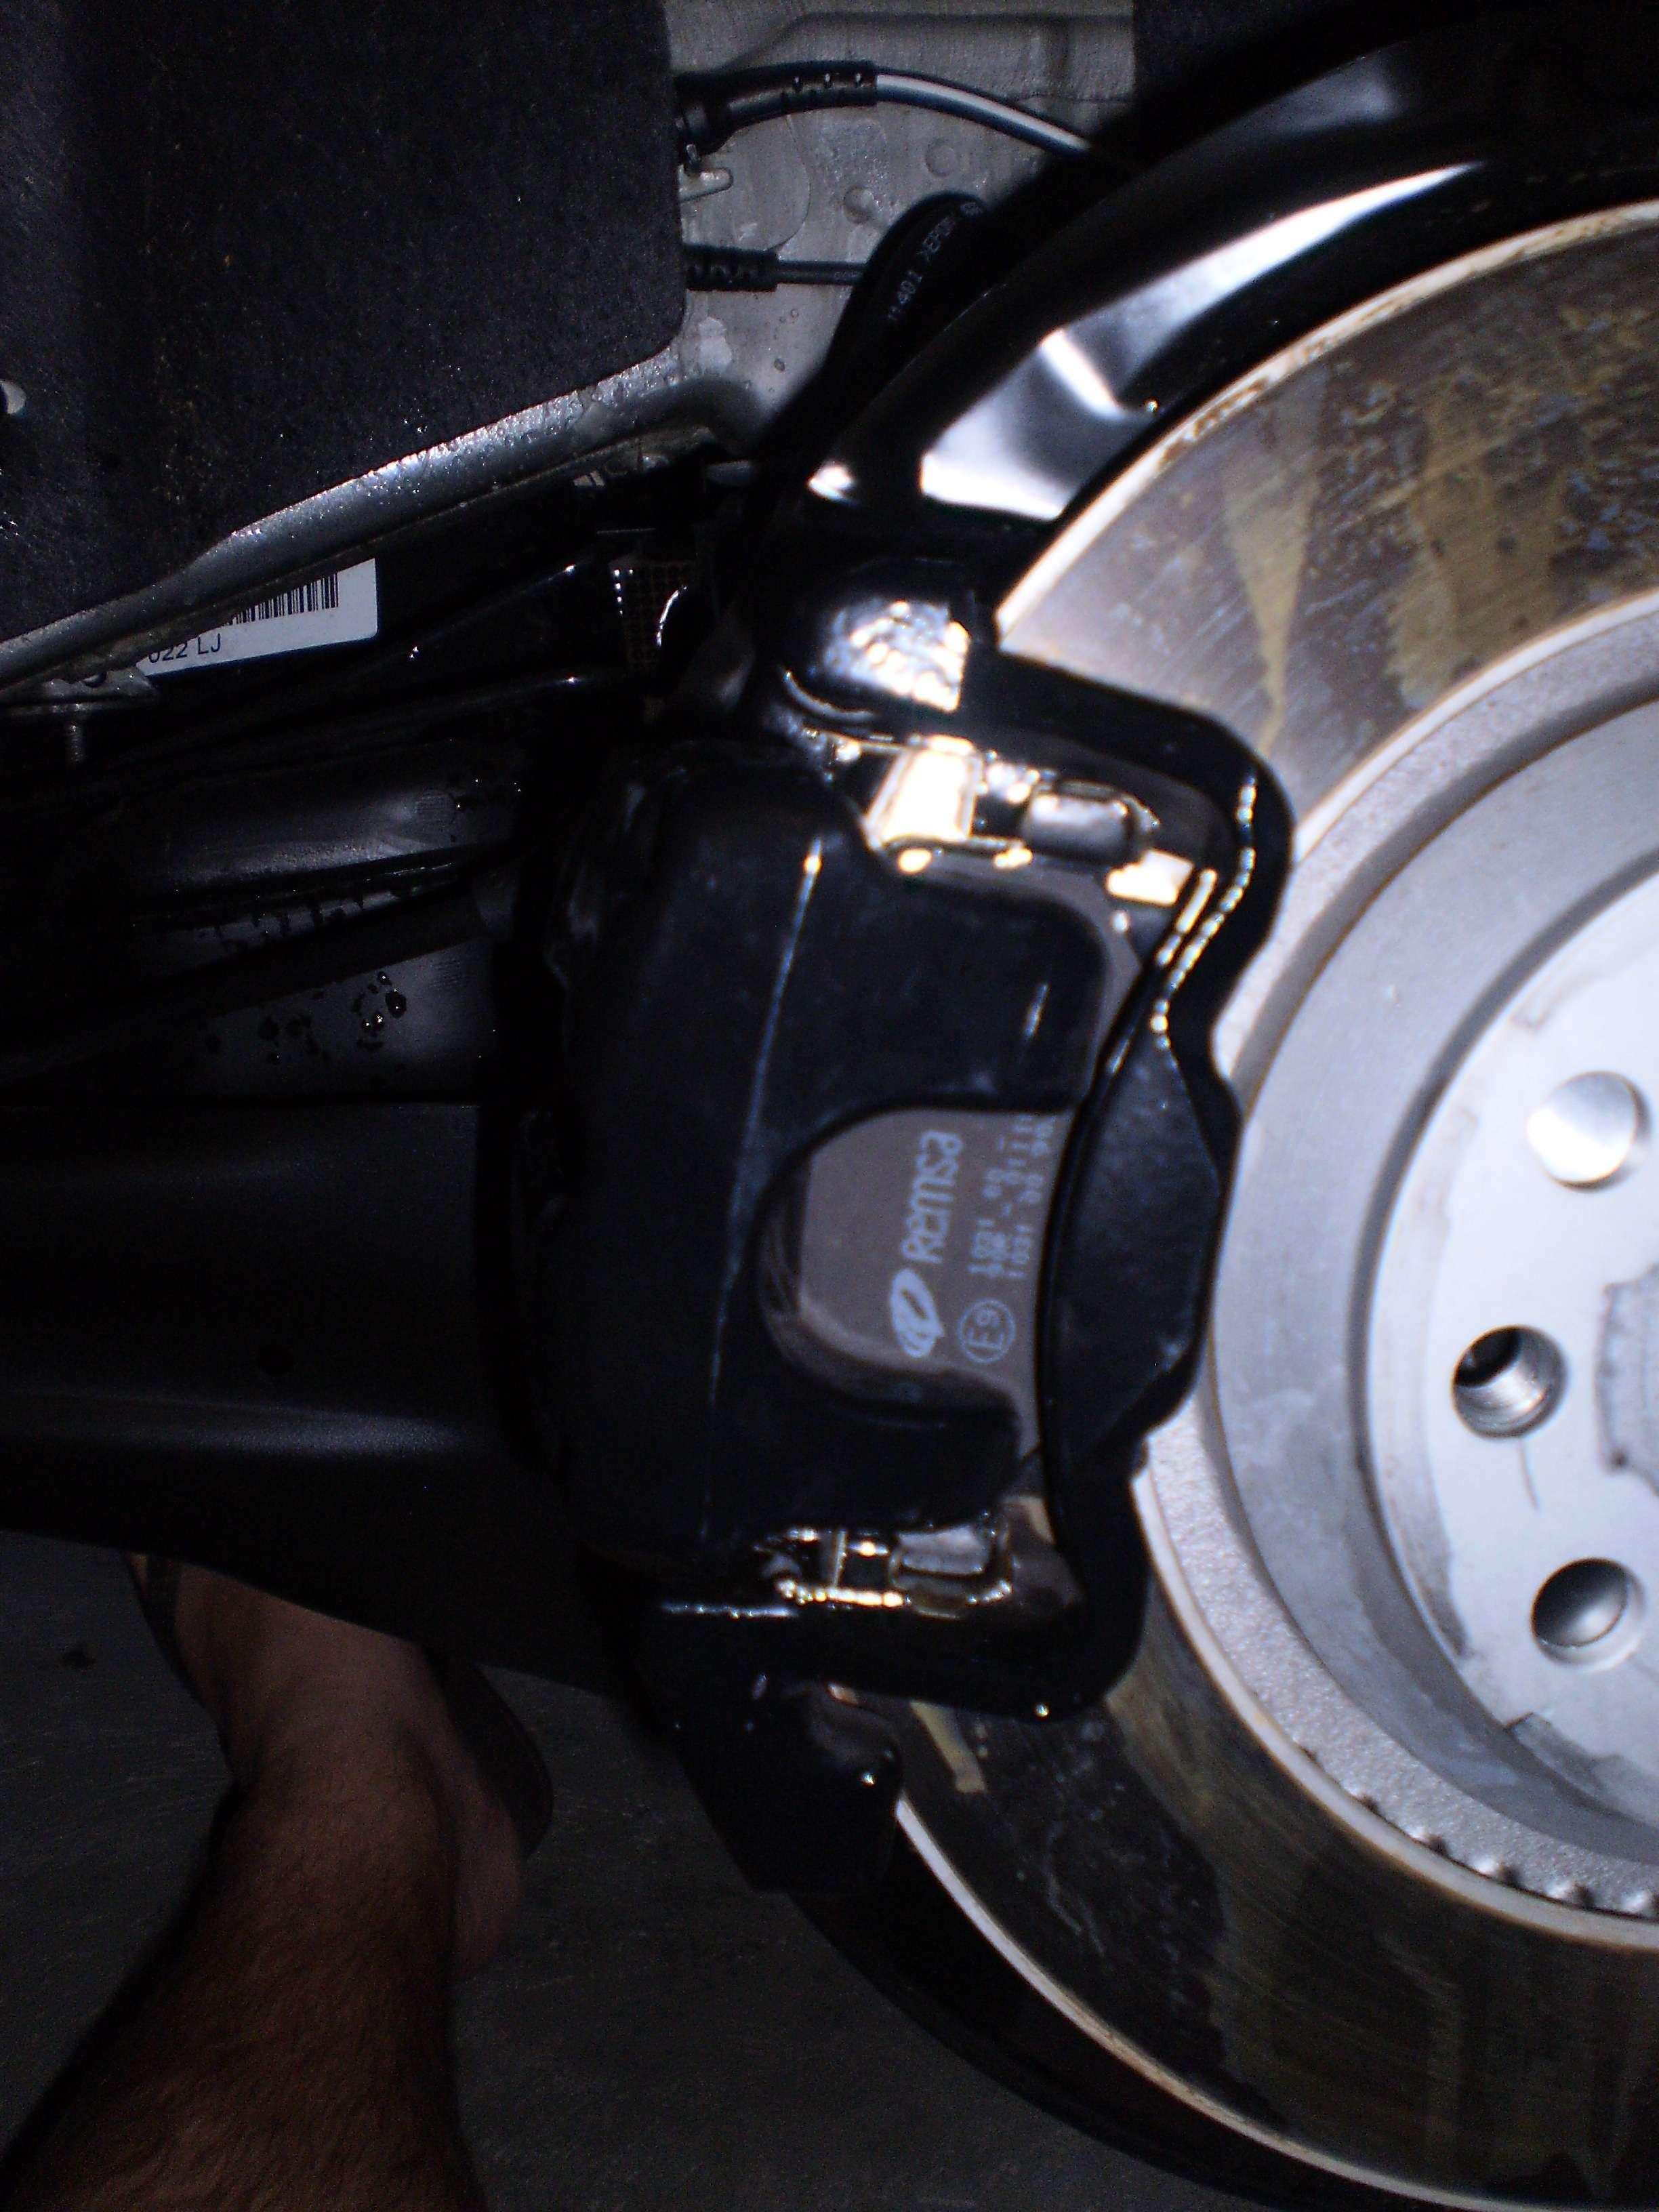 DIY - changing/upgrading the brake pads on Golf R (Remsa